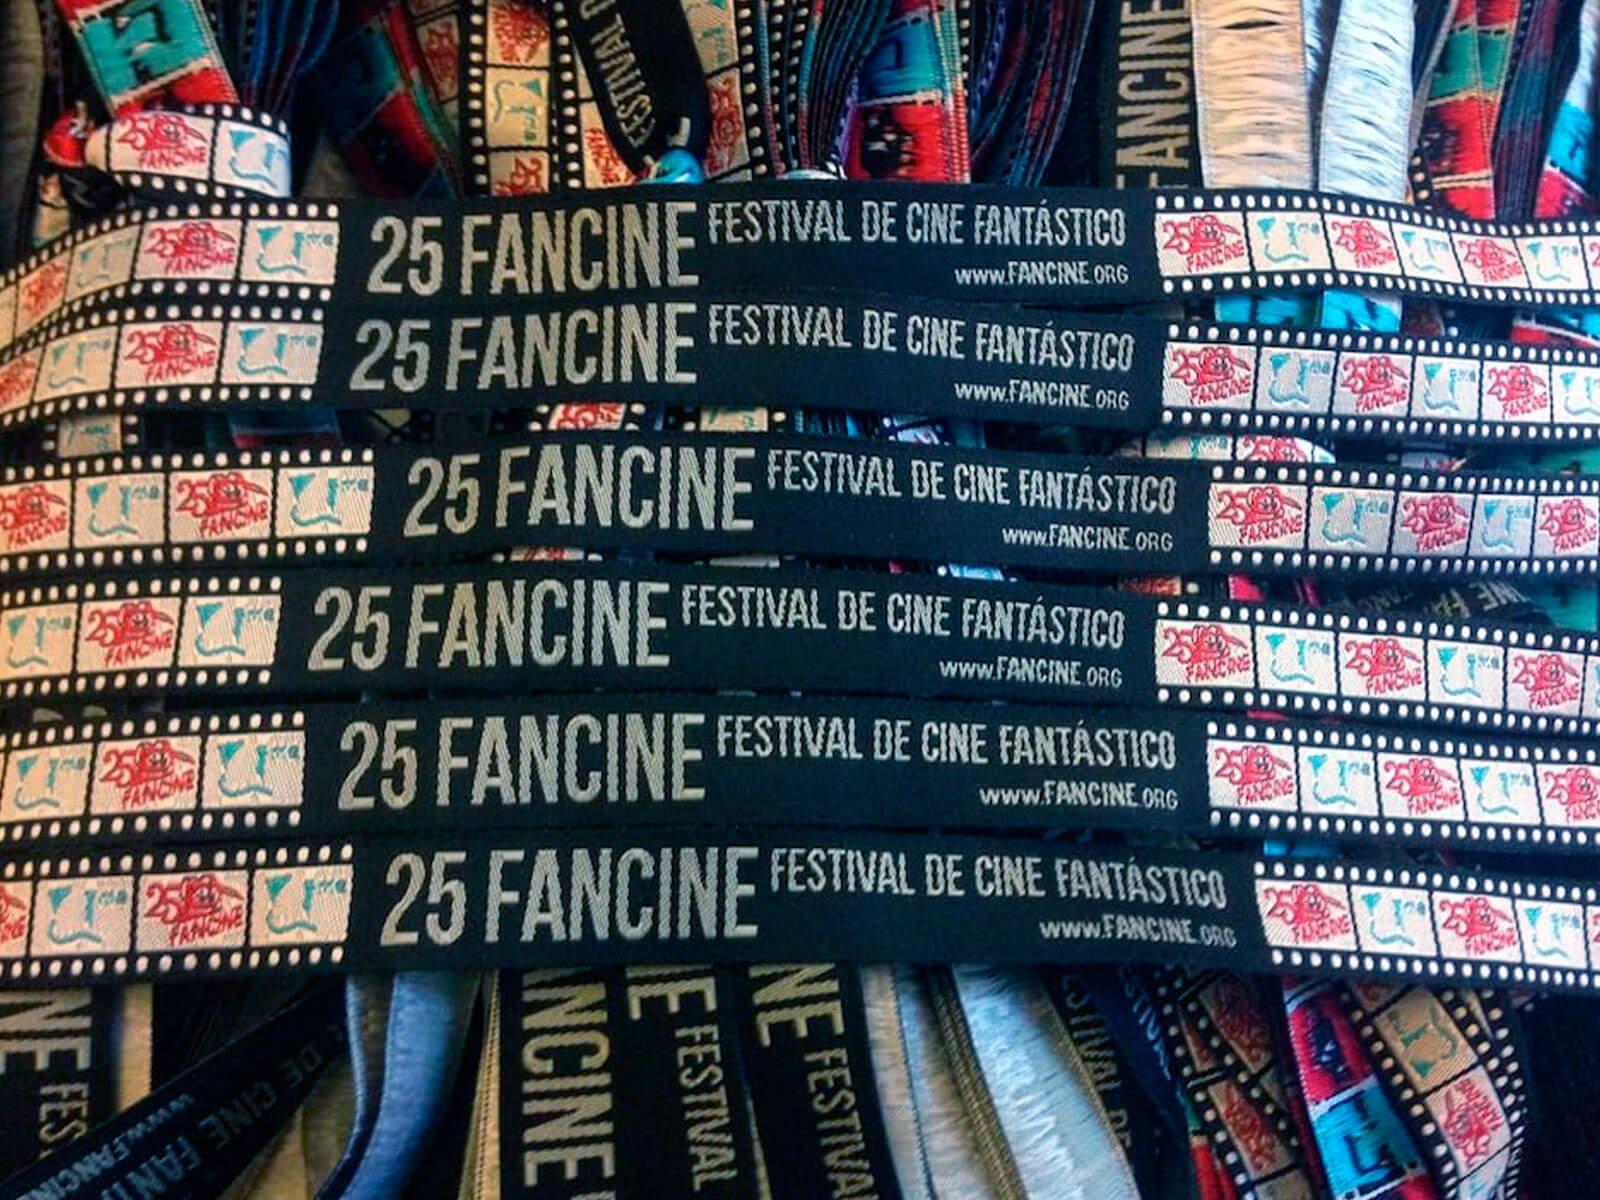 Pulseras-para-festivales-FanCine-Festival-de-Cine-Fantástico-Pulseras-de-Tela-Personalizadas-Pulseras-Tejidas